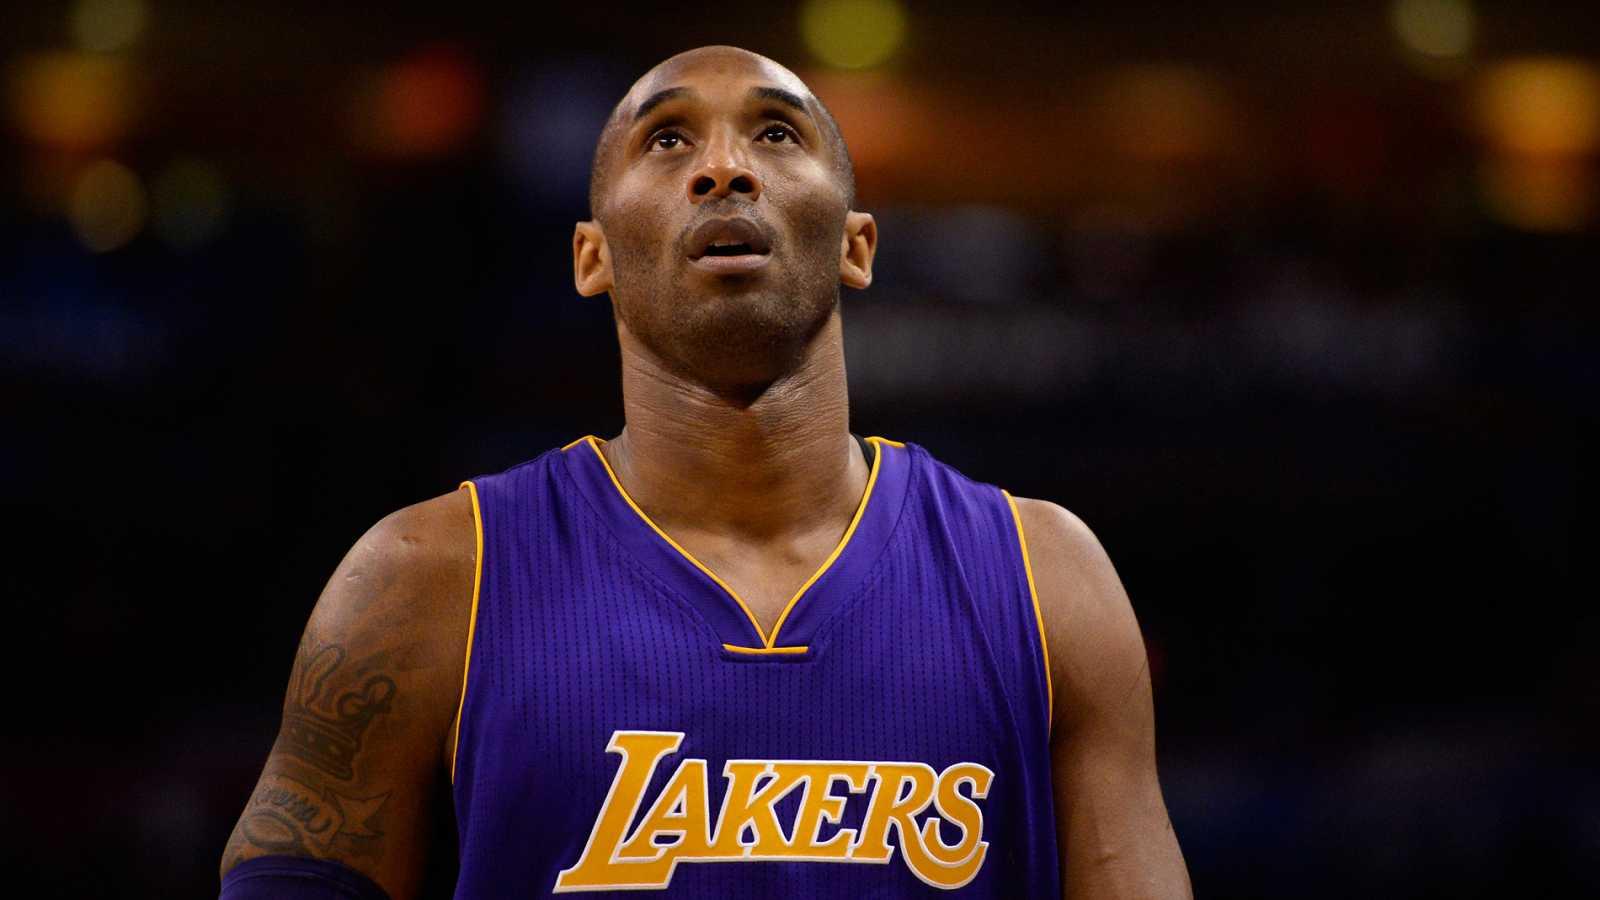 Todo lo que sabe hasta ahora del accidente en el que murió Kobe Bryant